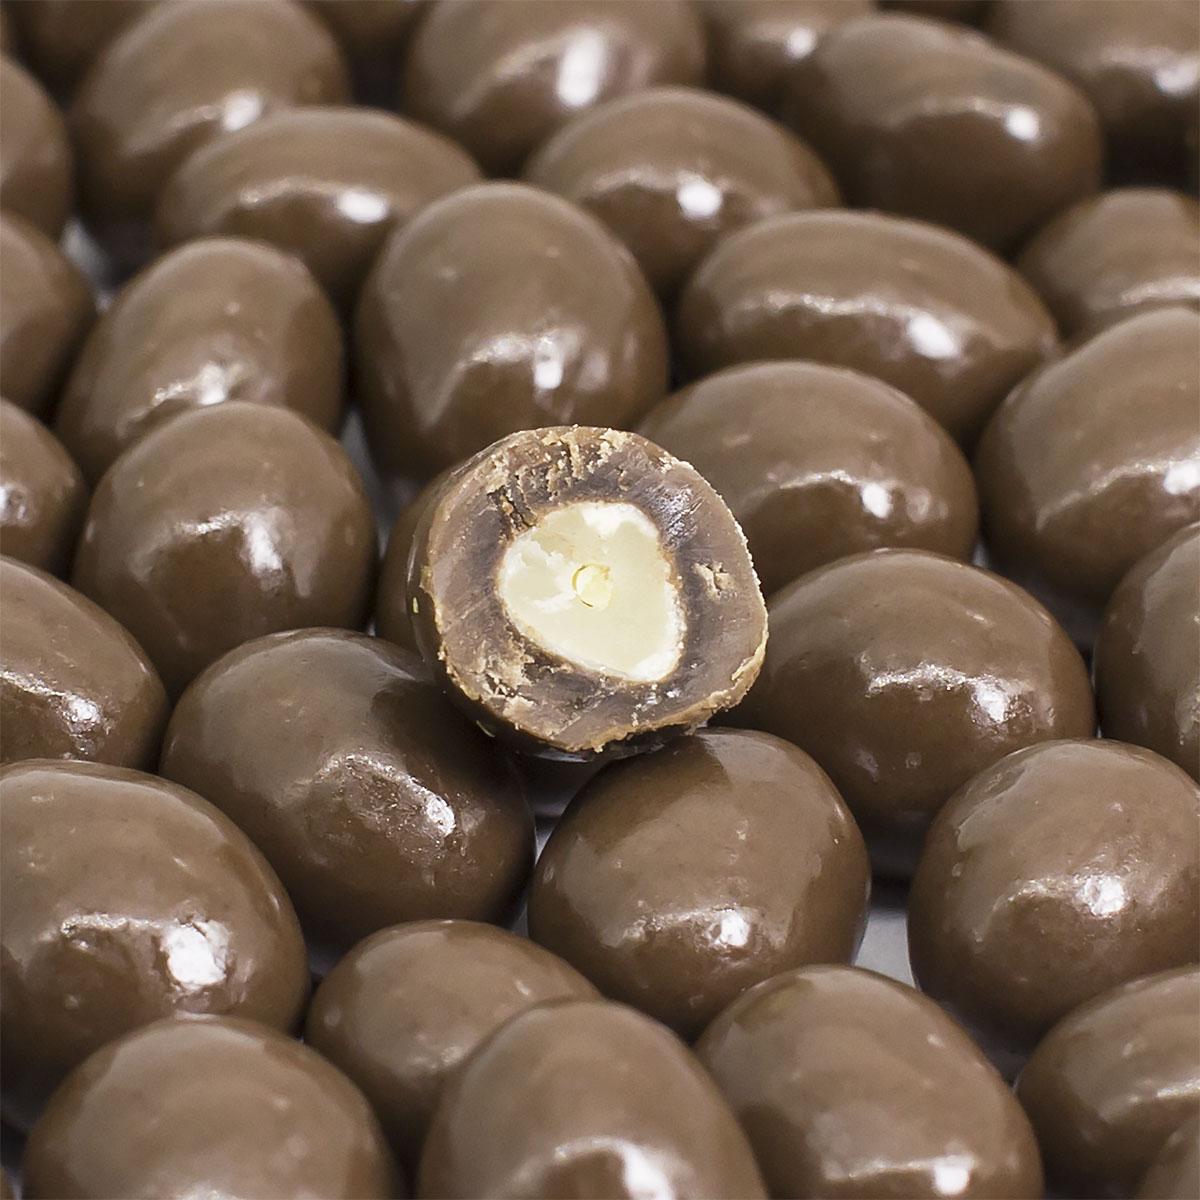 Кедровые орехи в молочной шоколадной глазури пирожное маршмеллоу sweet plus zeffo в какао молочной глазури 150 г